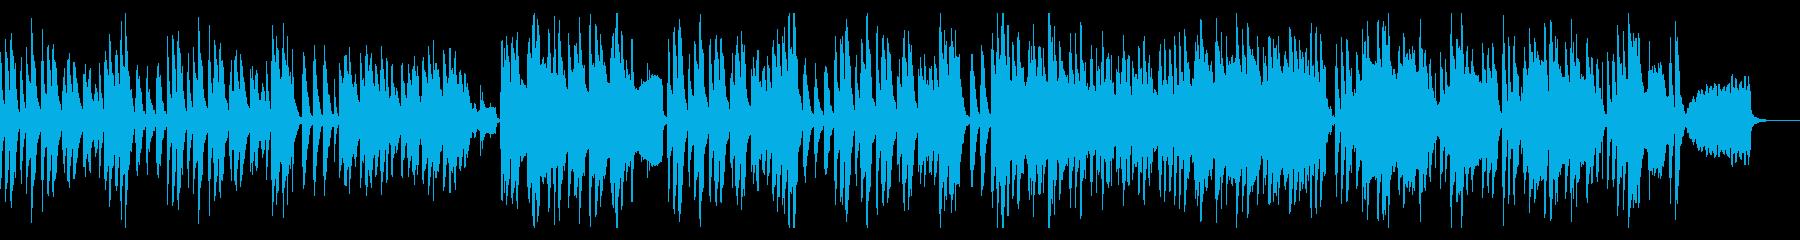 和やかであたたかな、ほのぼのとした日常曲の再生済みの波形